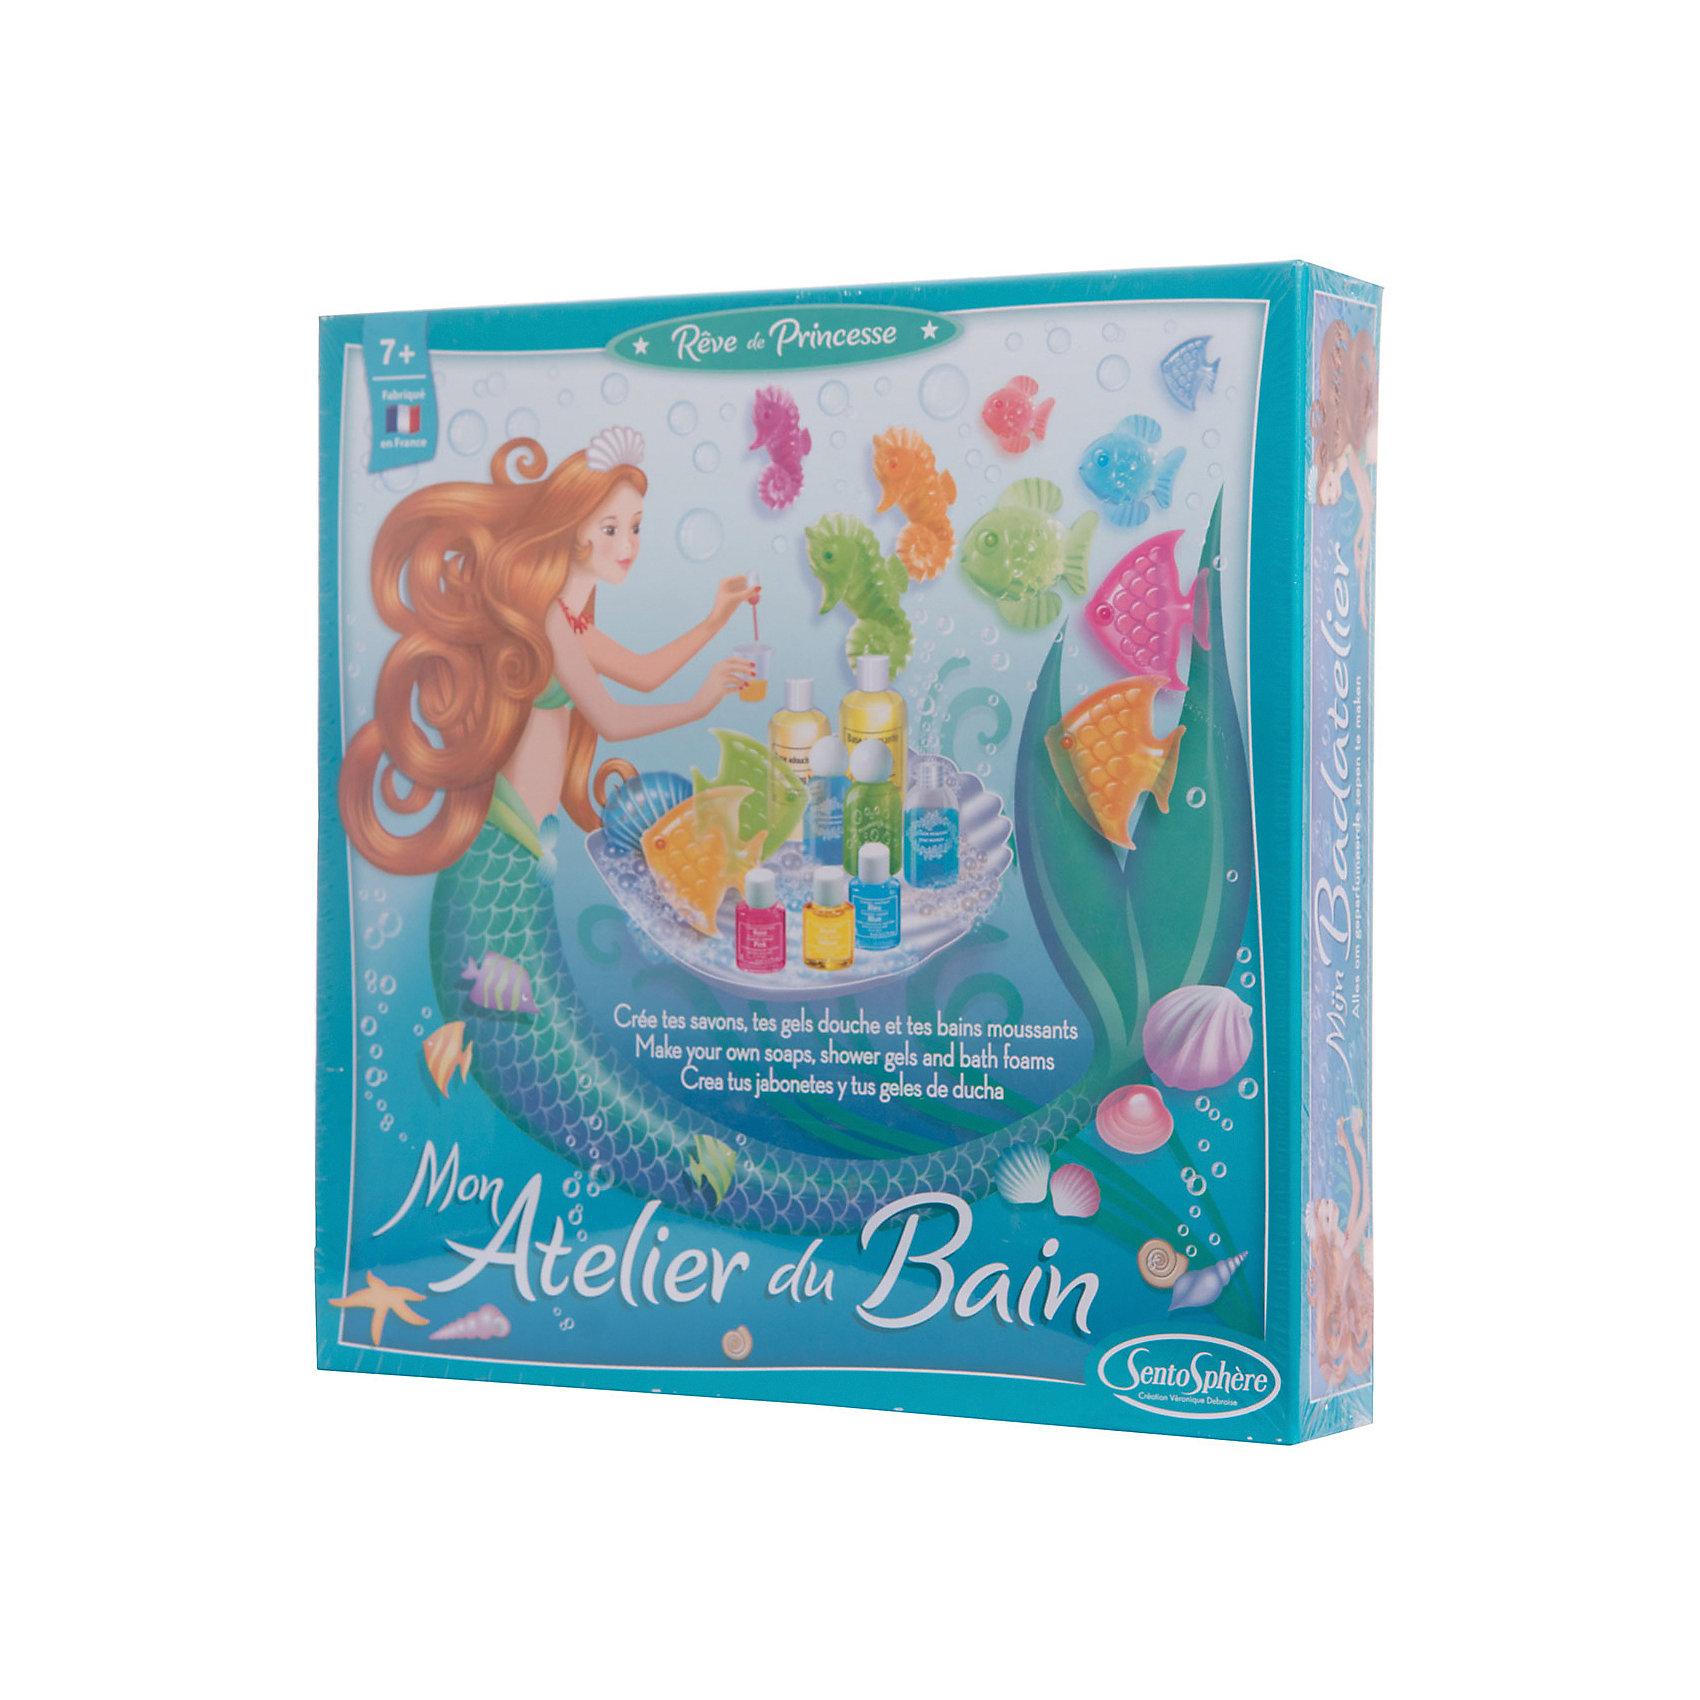 SentoSphere Набор Мыло и пена для ванны набор для детского творчества набор веселая кондитерская 1 кг